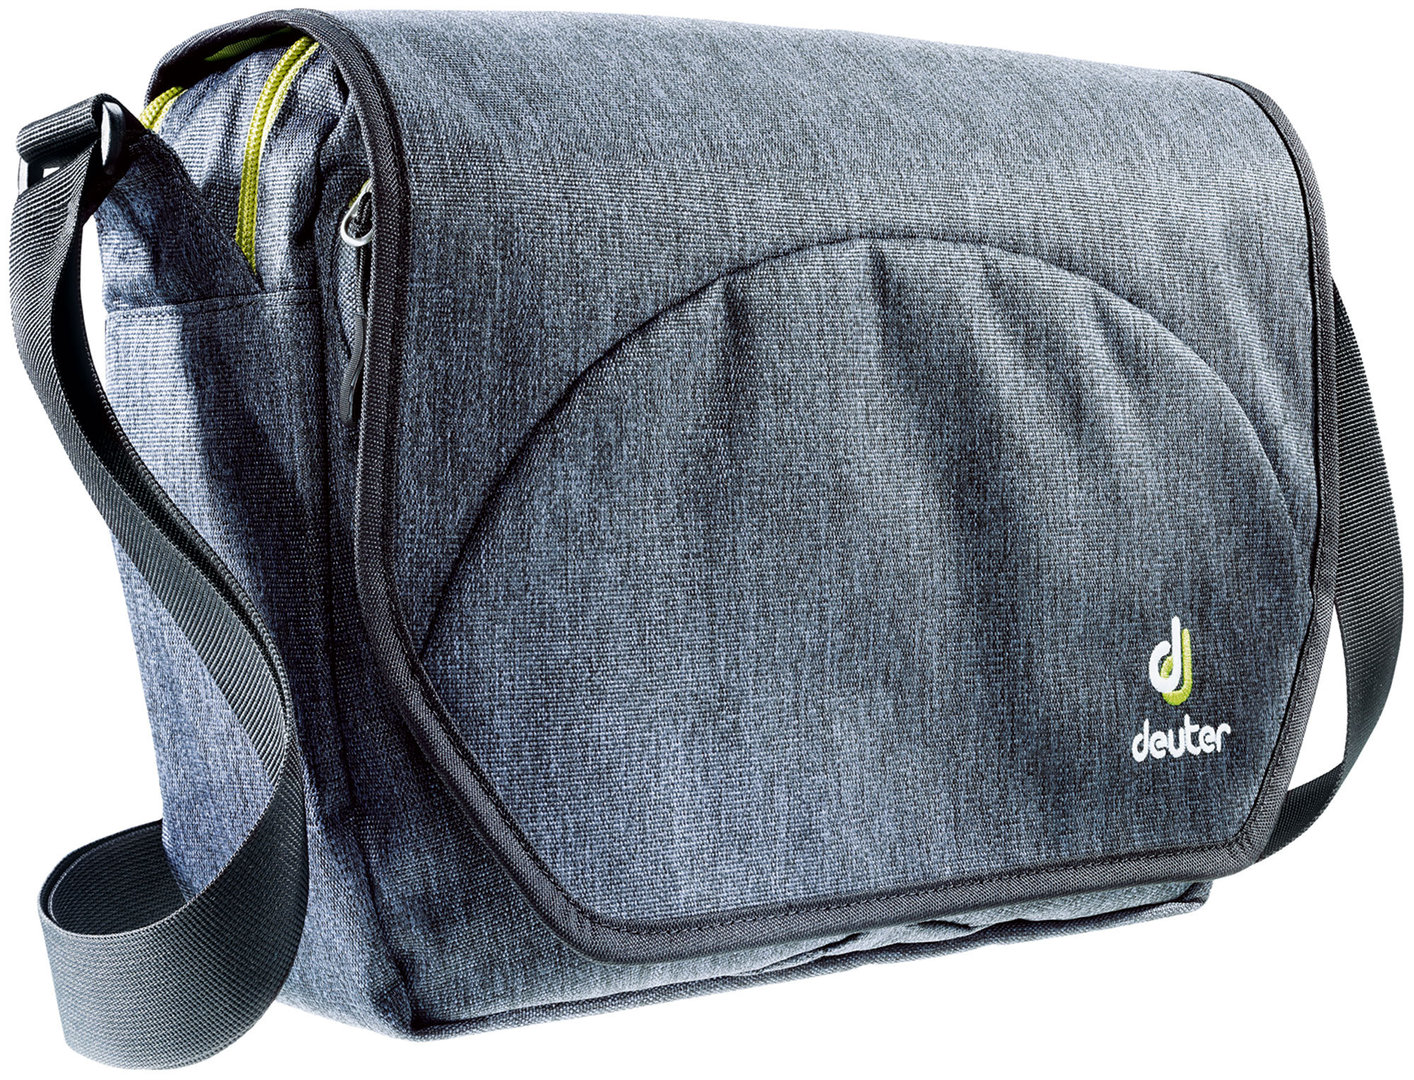 Купить Сумка на плечо Deuter 2015 Shoulder bags Carry Out S dresscode-black Сумки для города 1073402